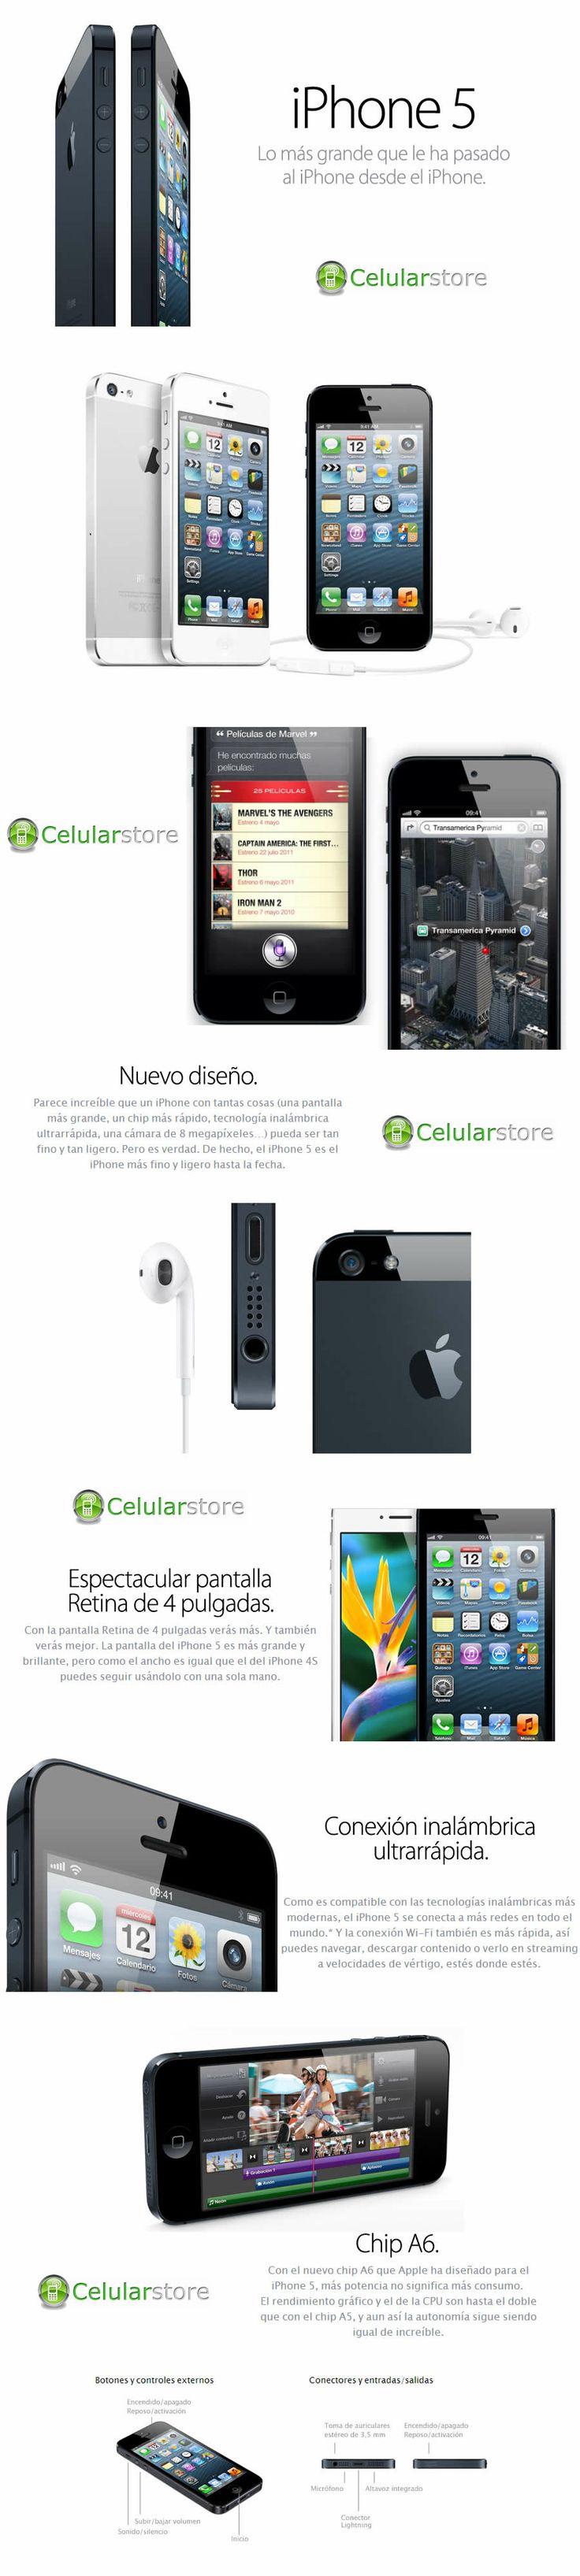 Comprar apple iphone 5 32gb   venta de celular apple iphone 5 32gb Argentina